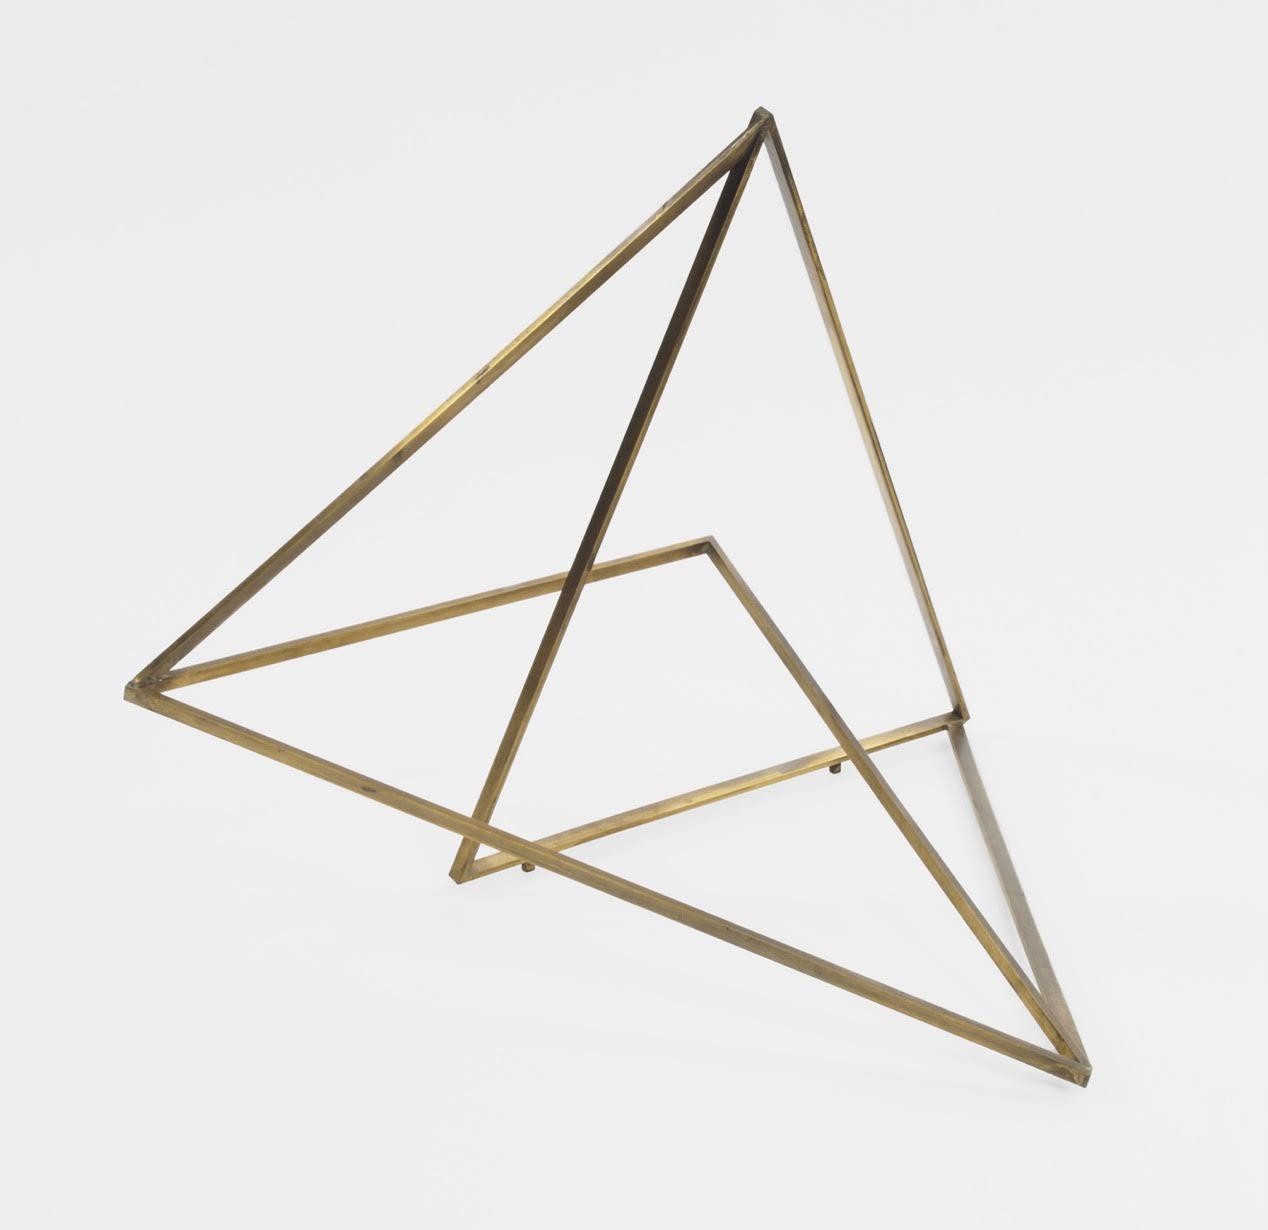 """In Tri-Triangle, 2005, brass, 27"""" x 24"""" x 22.5"""""""